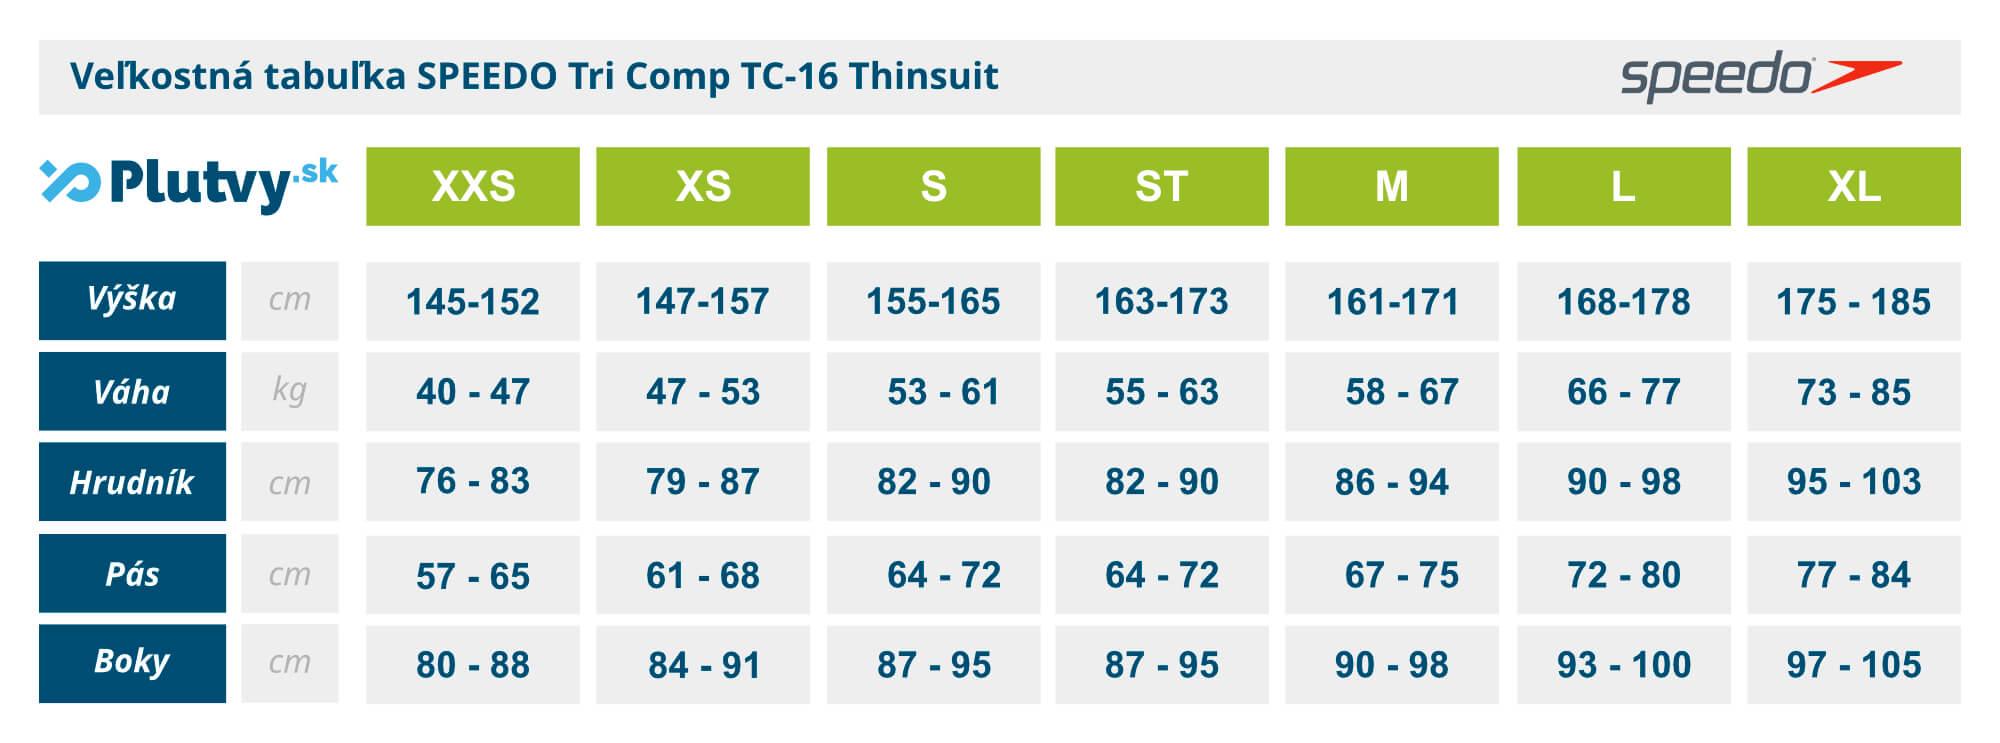 velkostna-tabulka-speedo-tri-comp-th-16-thin-suit-damsky-neopren-plutvy-sk-2